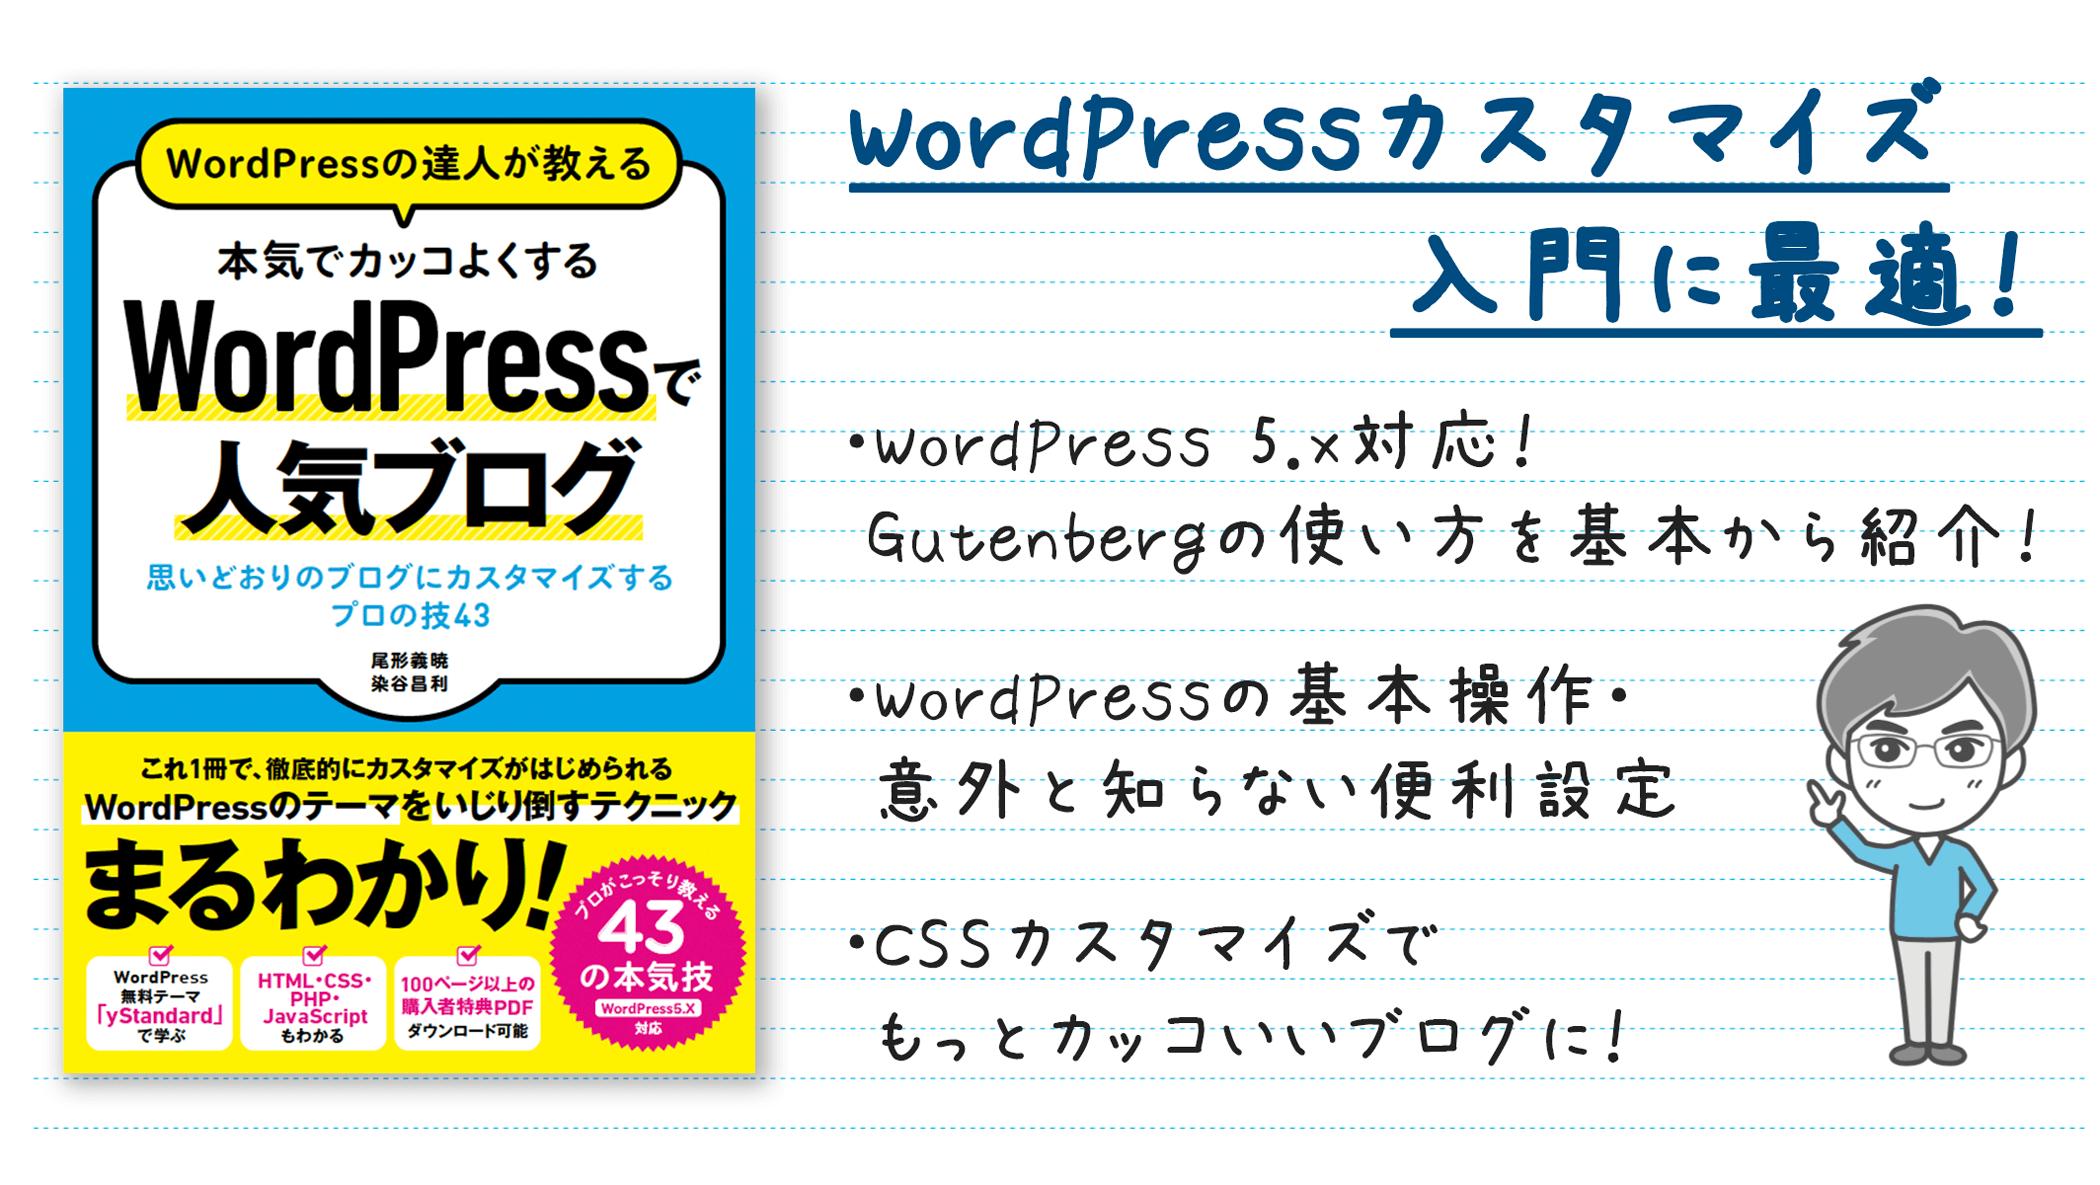 WordPressのカスタマイズ入門に最適!「本気でカッコよくするWordPressで人気ブログ」